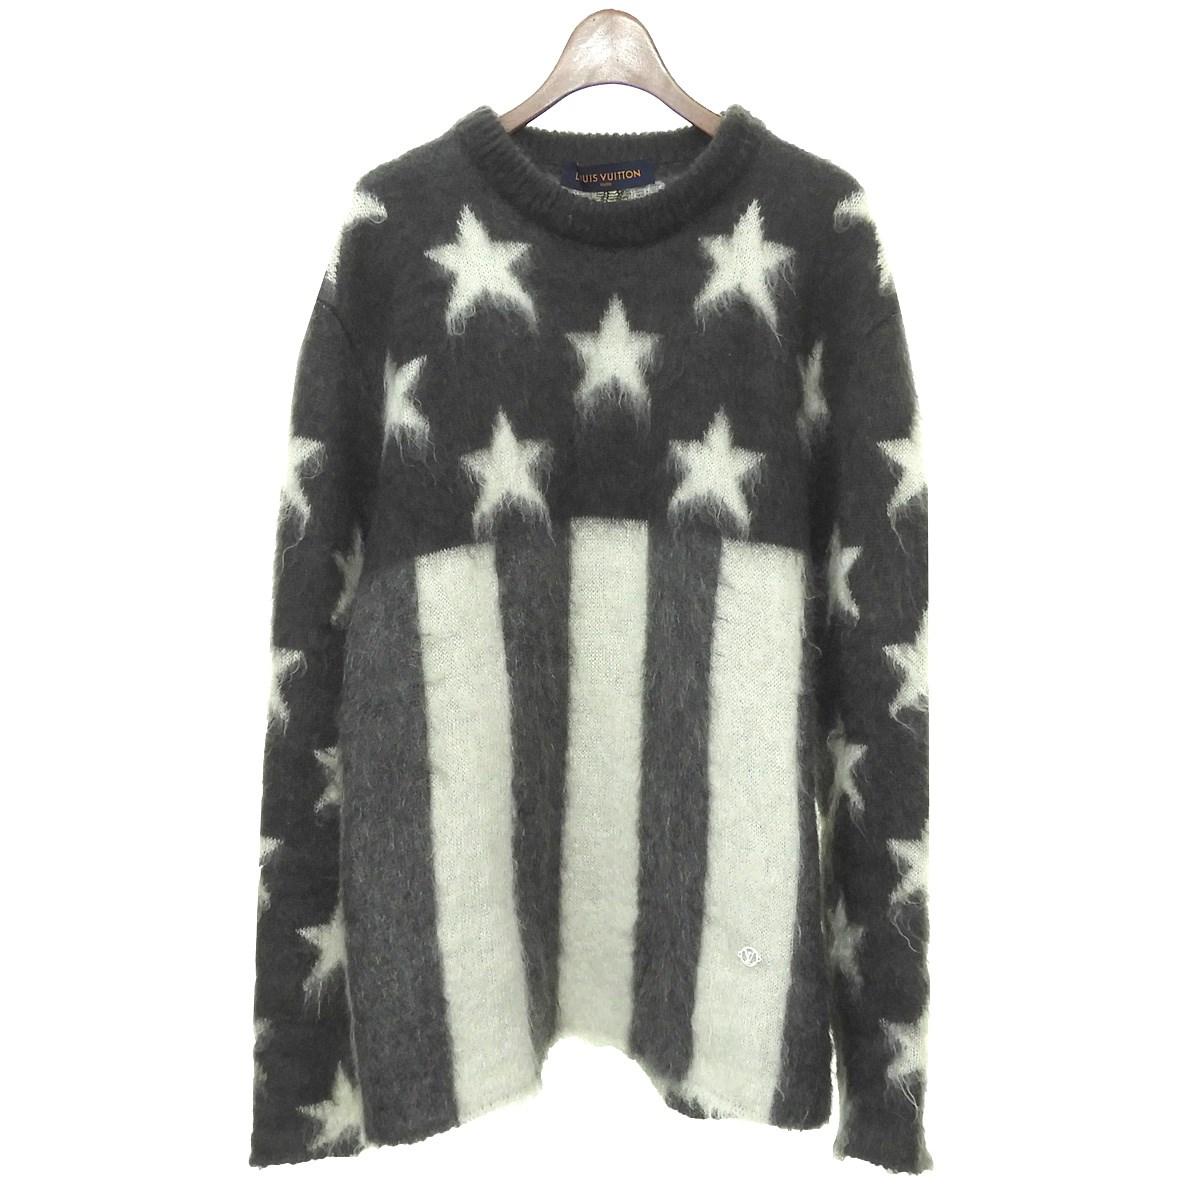 【中古】LOUIS VUITTON 19AW USAフラッグモヘヤジャガードニットセーター ブラック サイズ:XL 【290220】(ルイヴィトン)